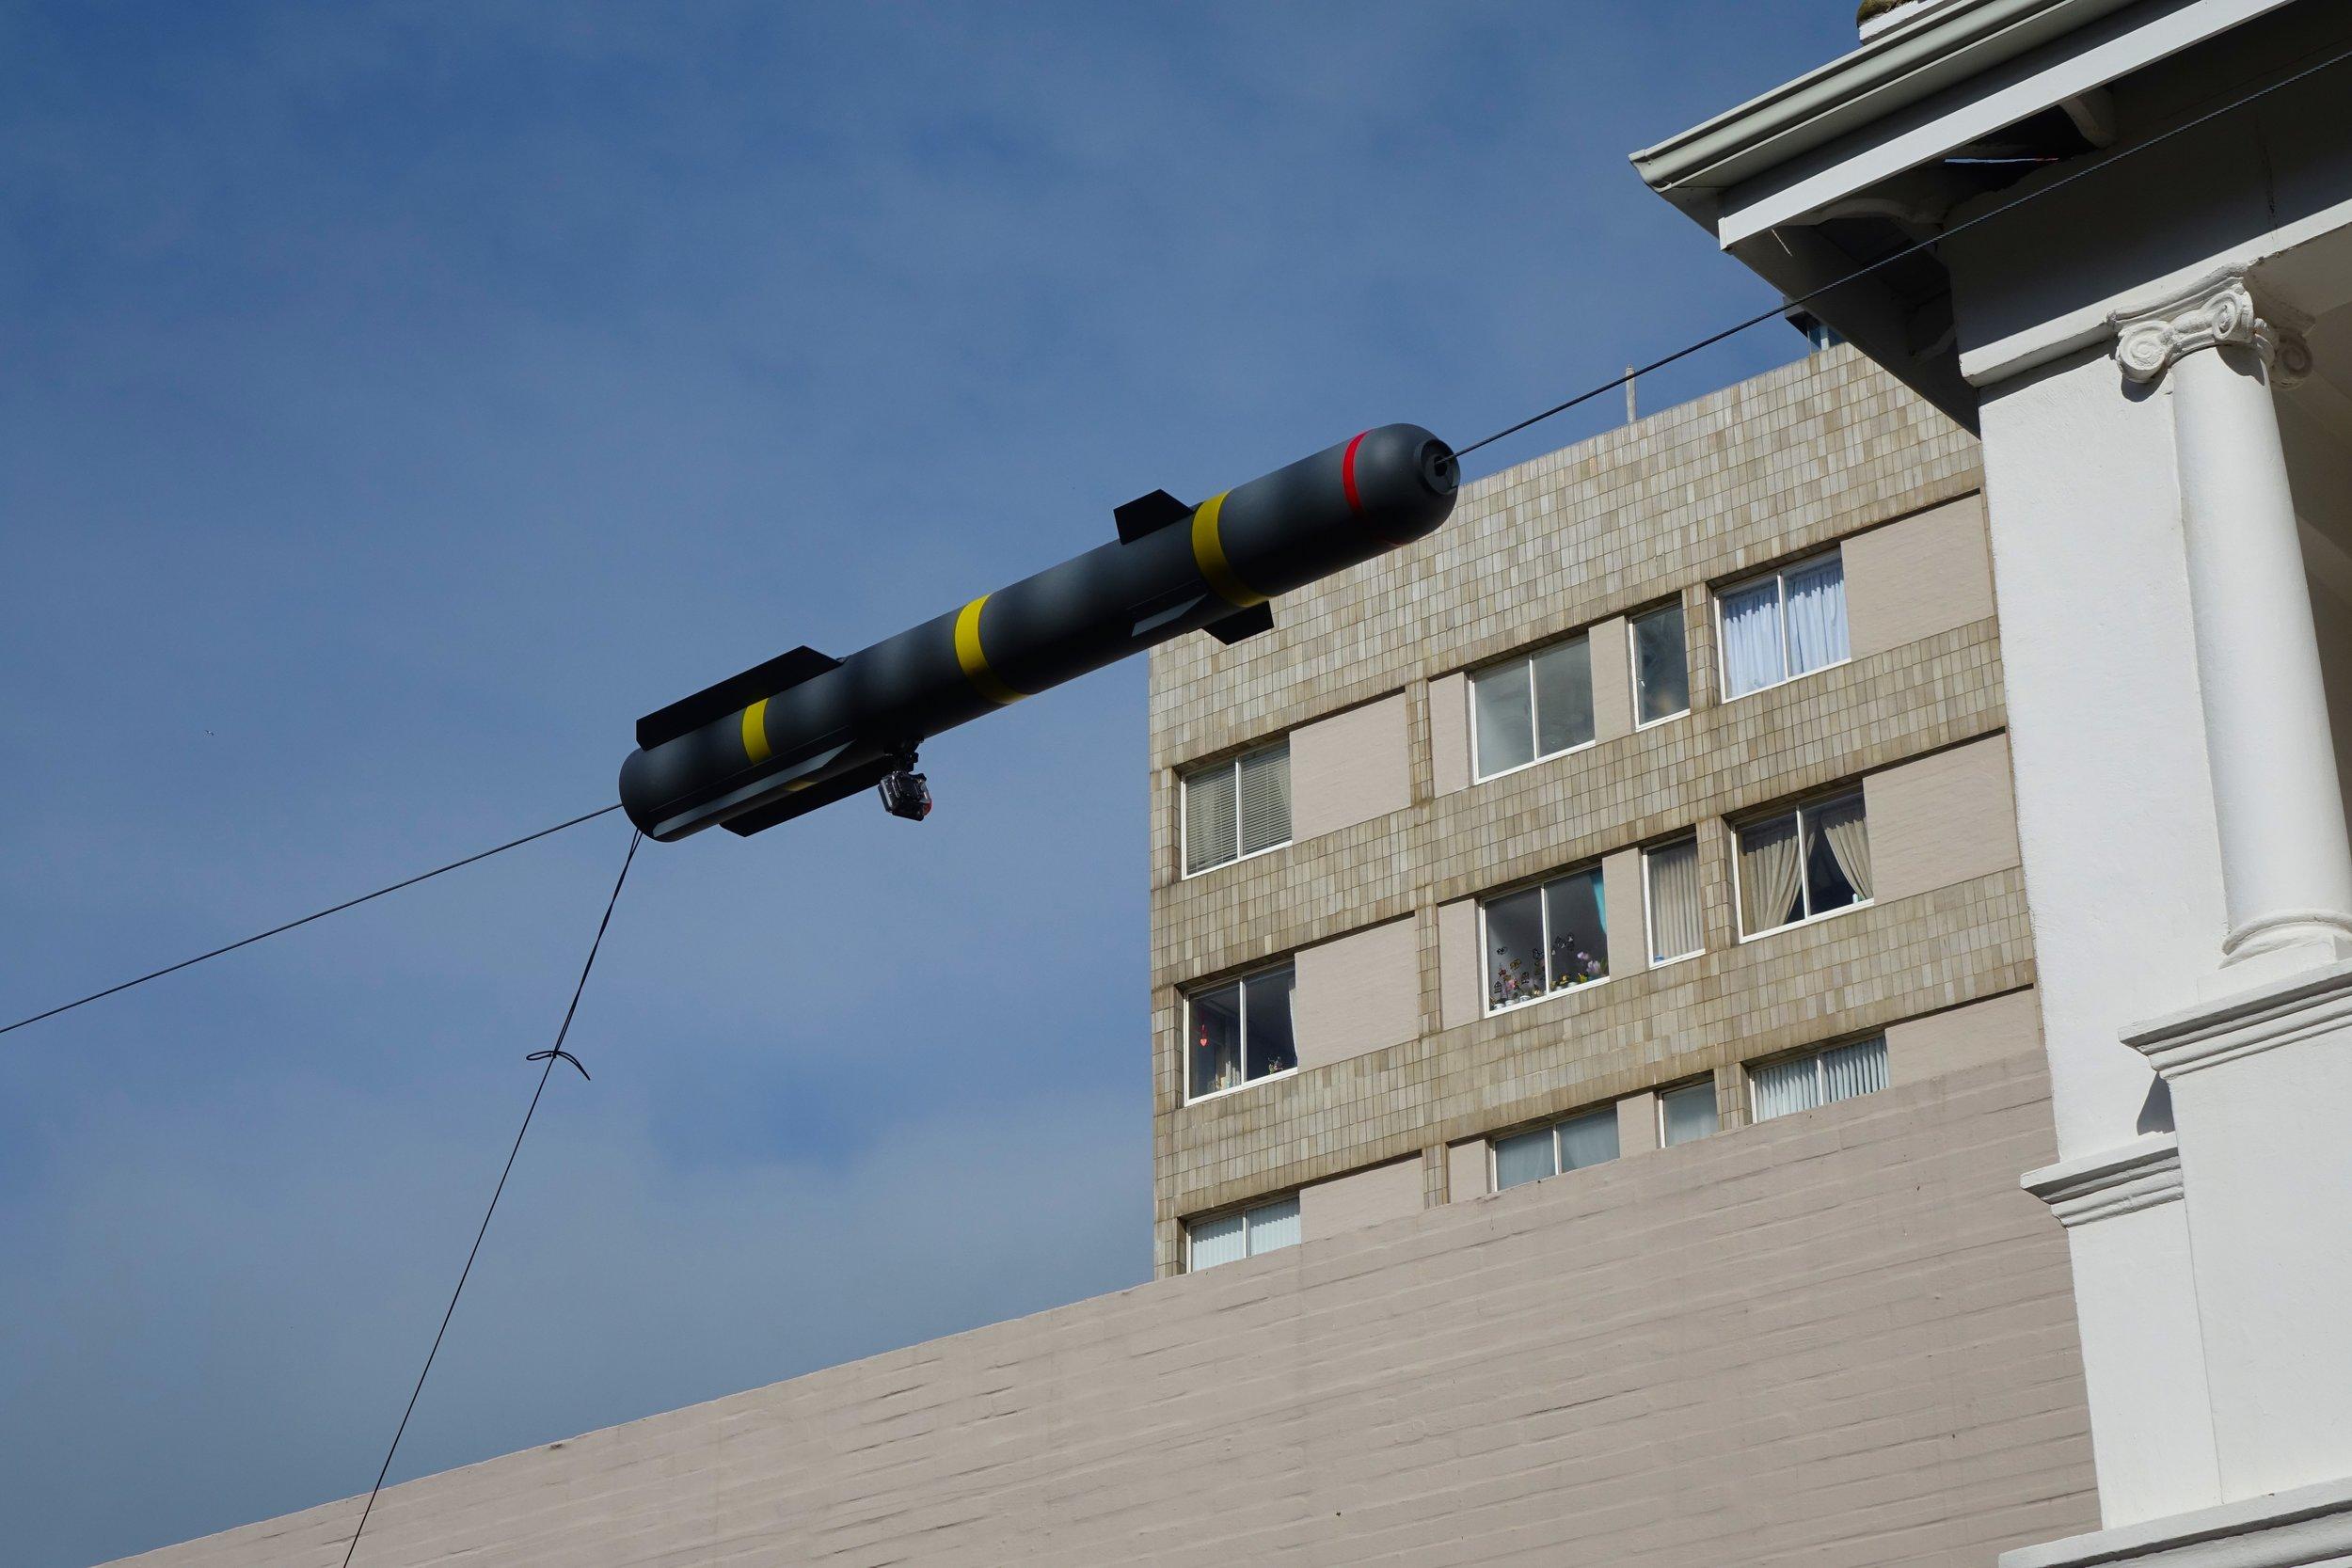 CU_of_Missile_Homeland_SA.jpg